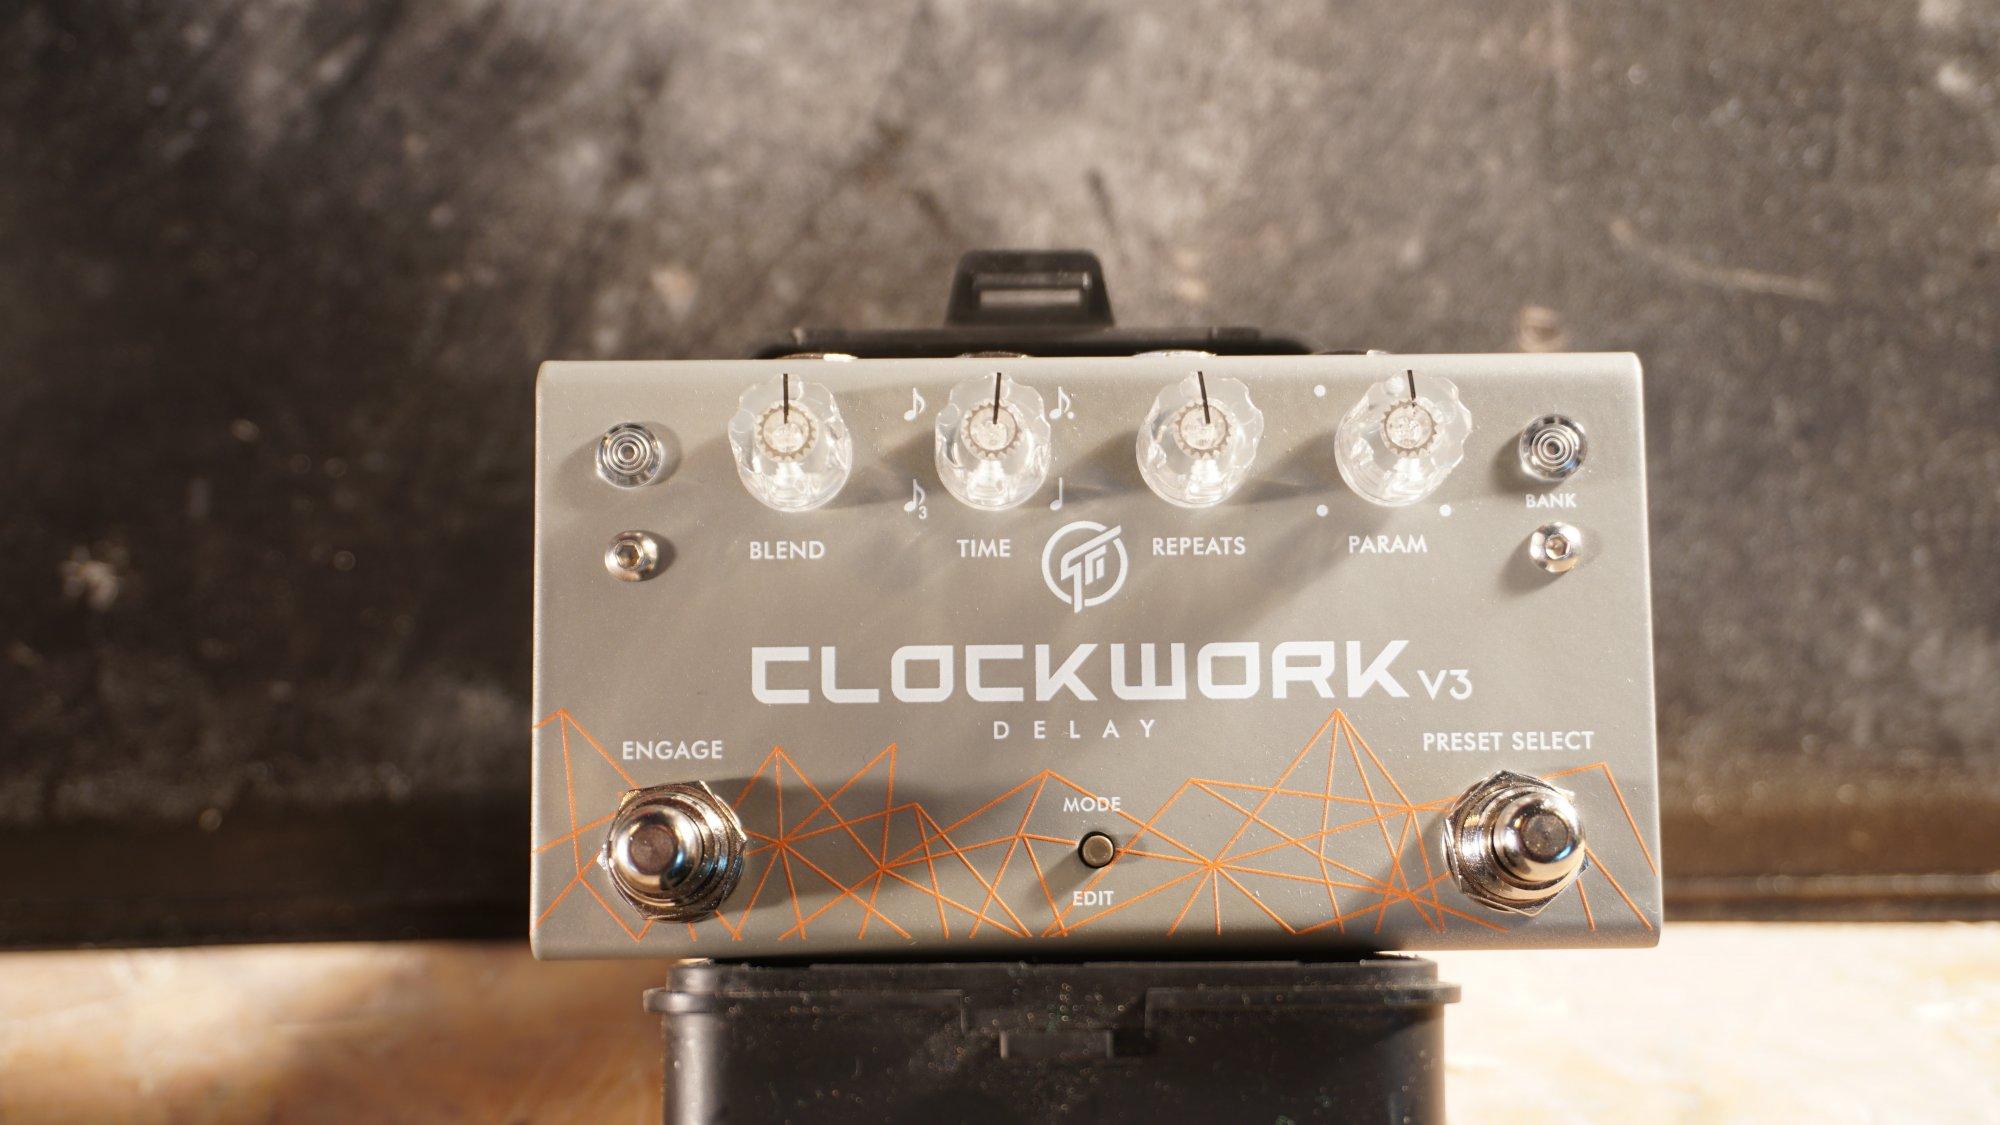 Clockwork v3